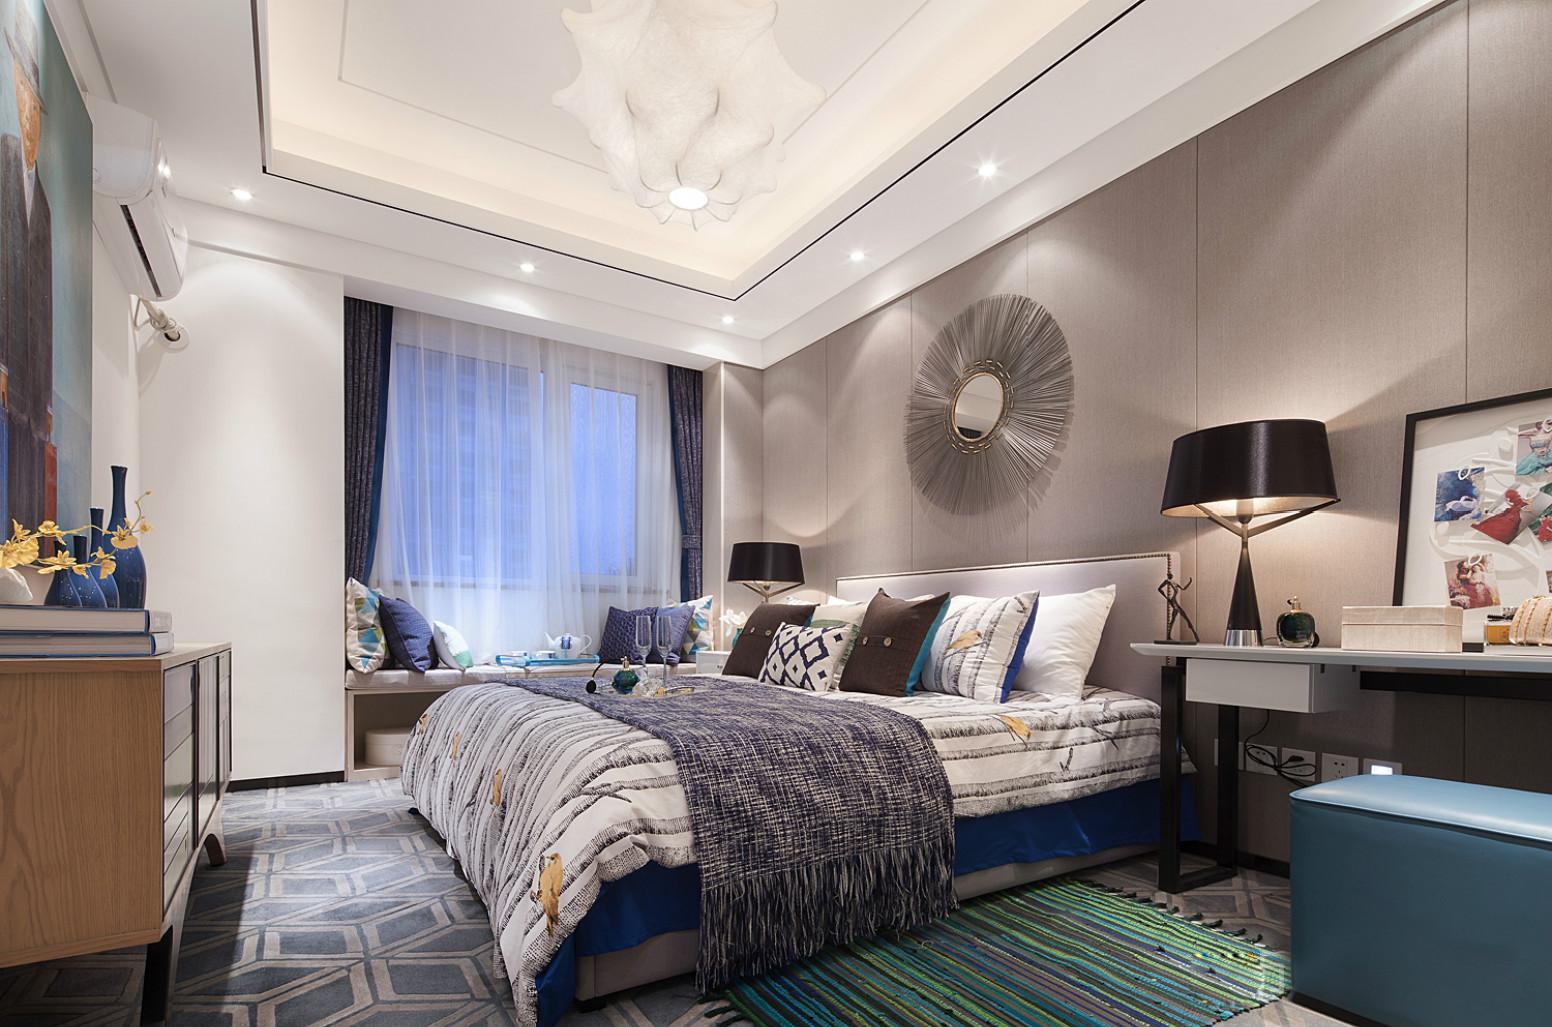 主卧色度相比客厅还深了几个色号,营造略显昏暗但好眠的场景,让夜晚更好入眠。